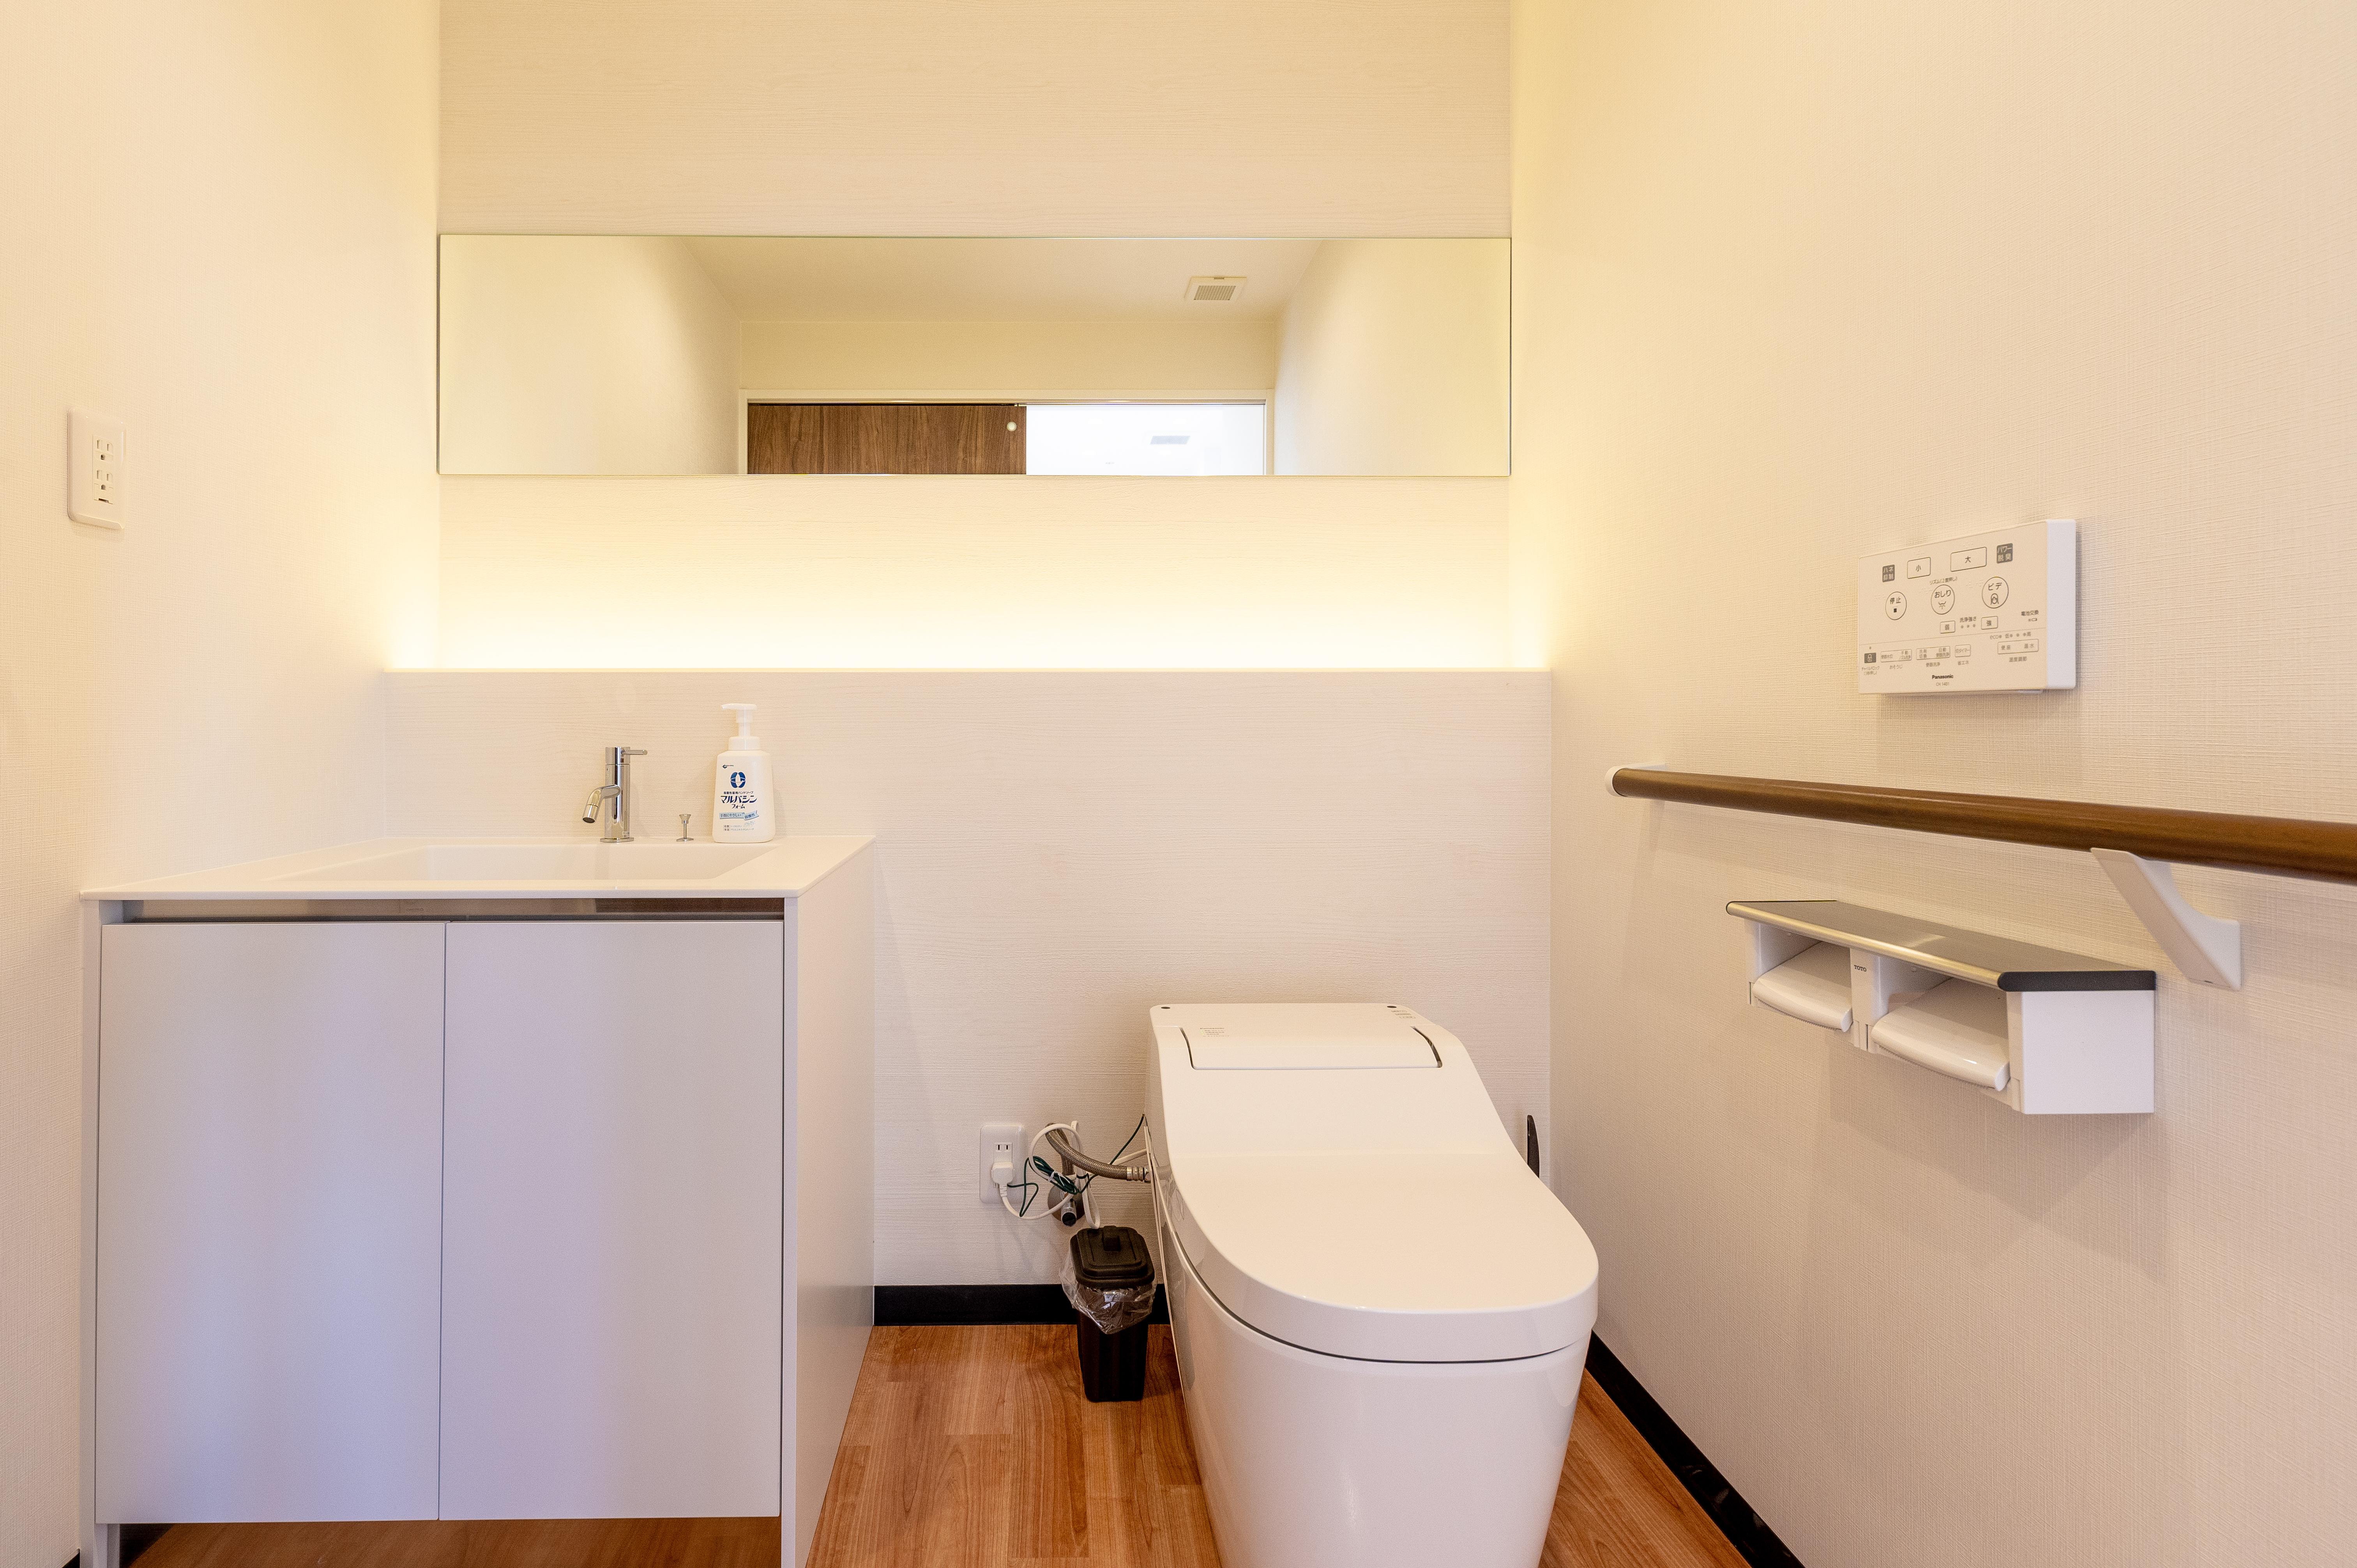 トイレ<br>(車椅子対応・オムツ交換台付)